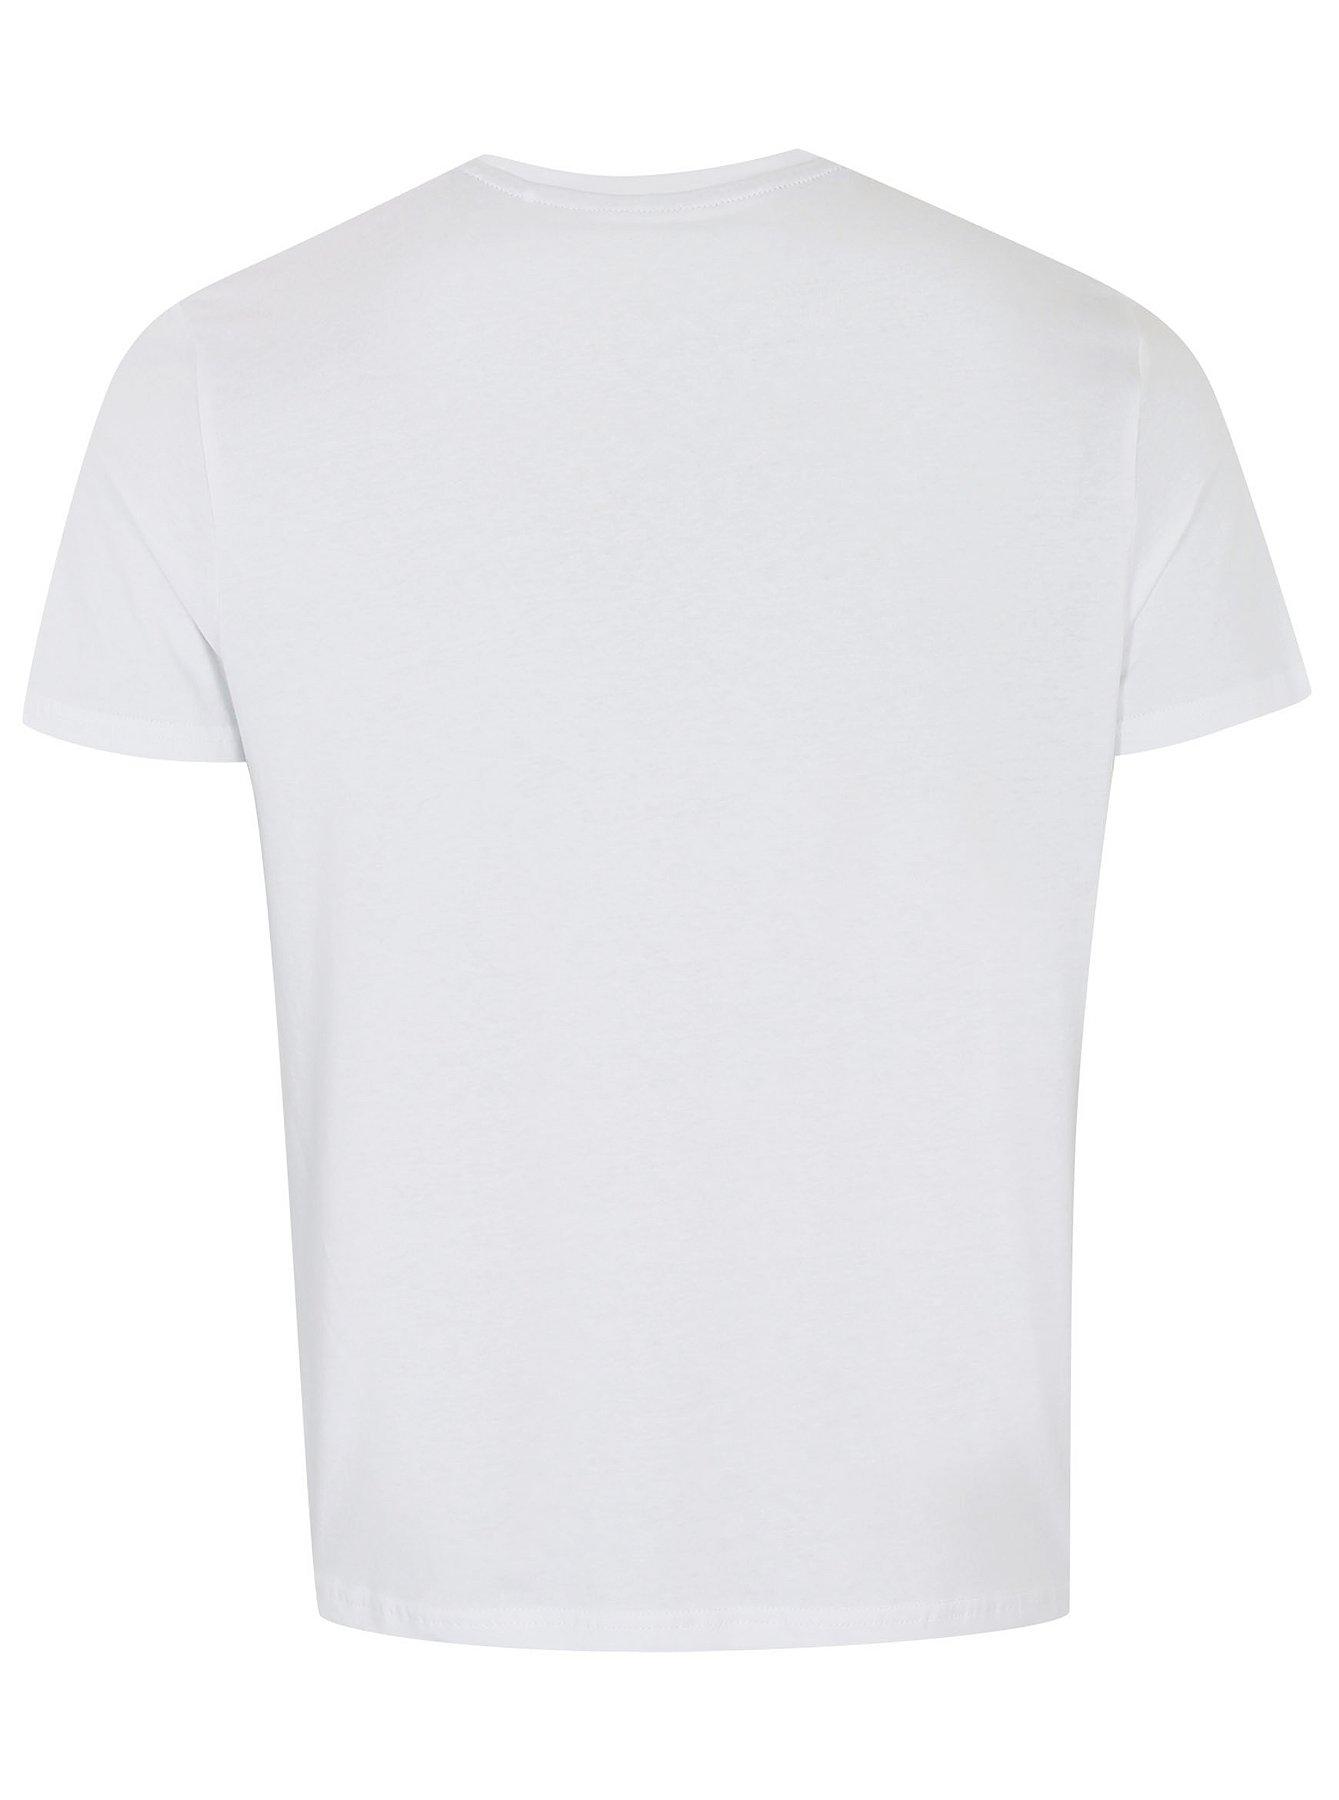 Black t shirt asda - Black T Shirt Asda 36